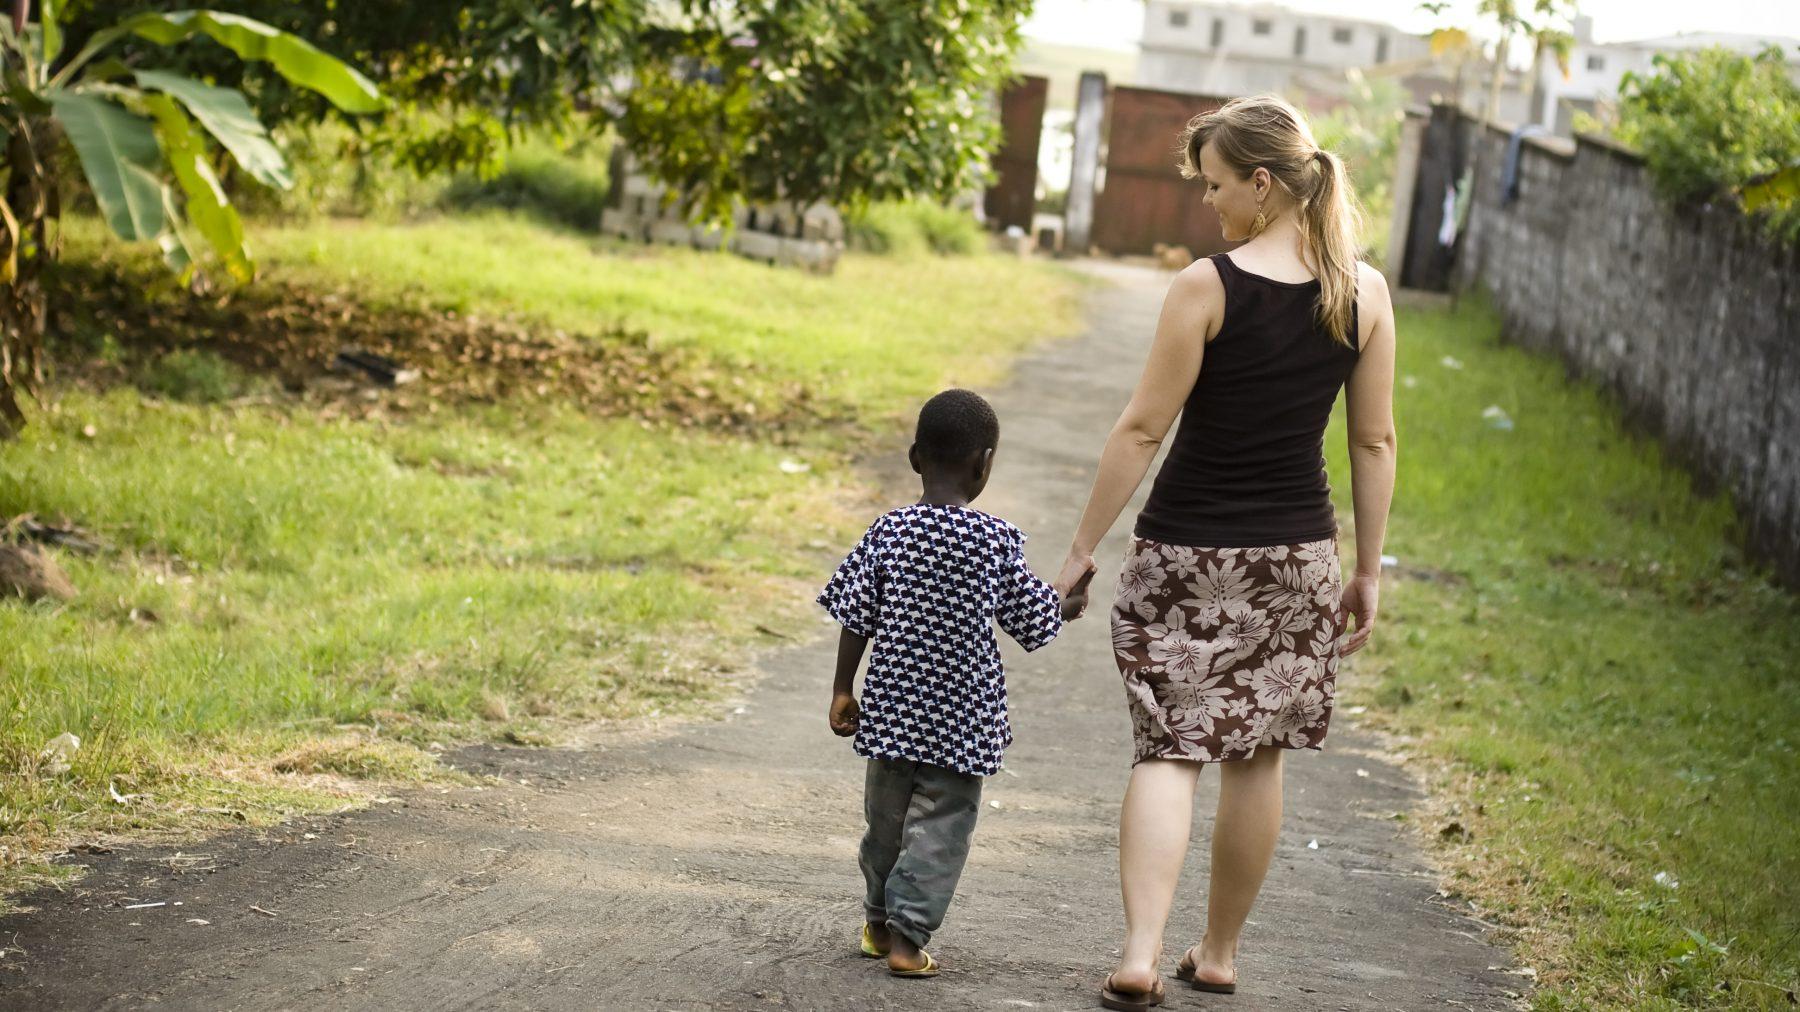 afrika kindertehuis kindermisbruik